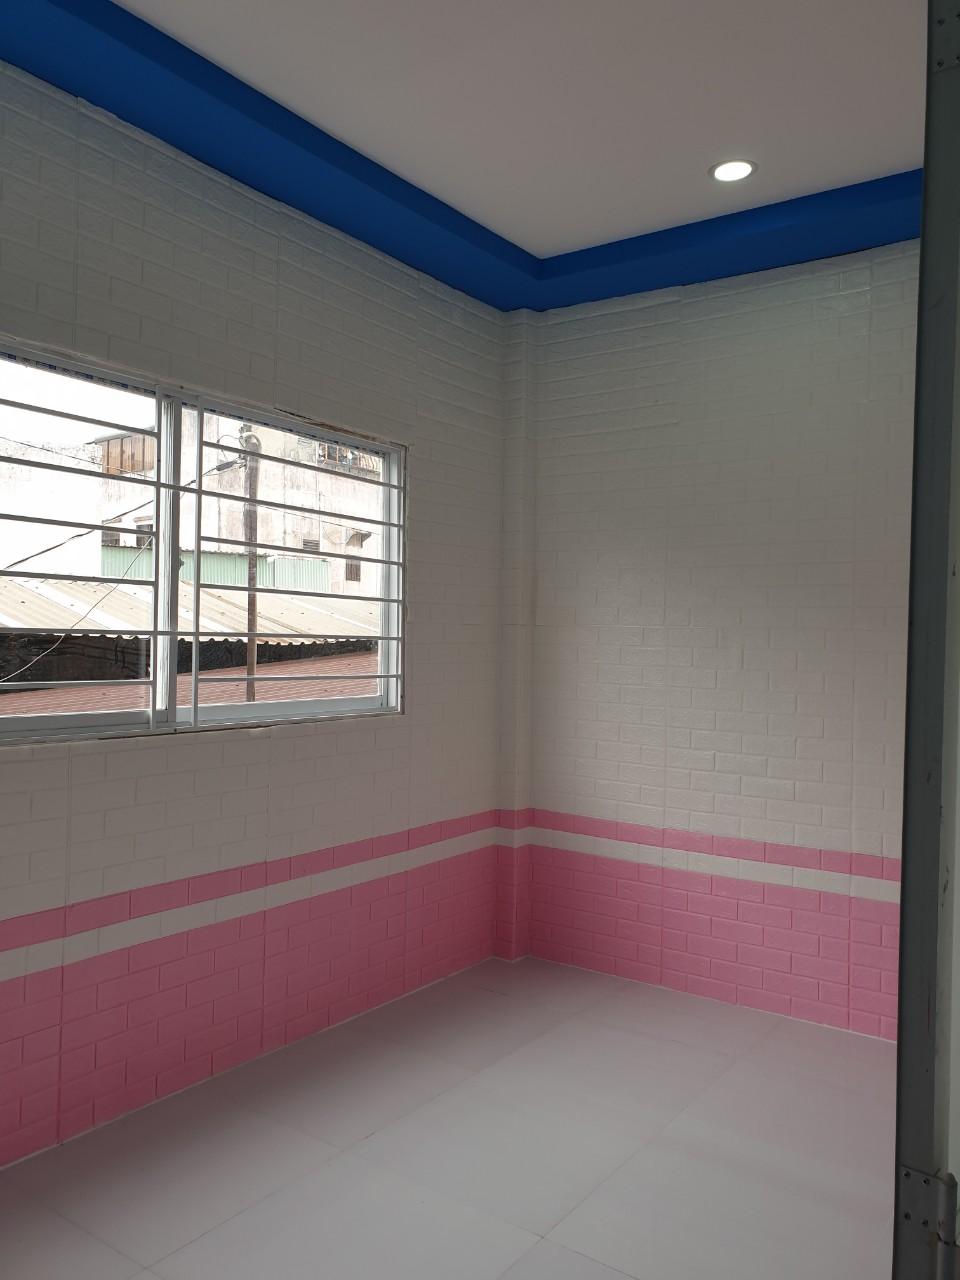 Bán nhà hẻm Bình Đông phường 14 Quận 8 dưới 2 tỷ sổ hồng riêng